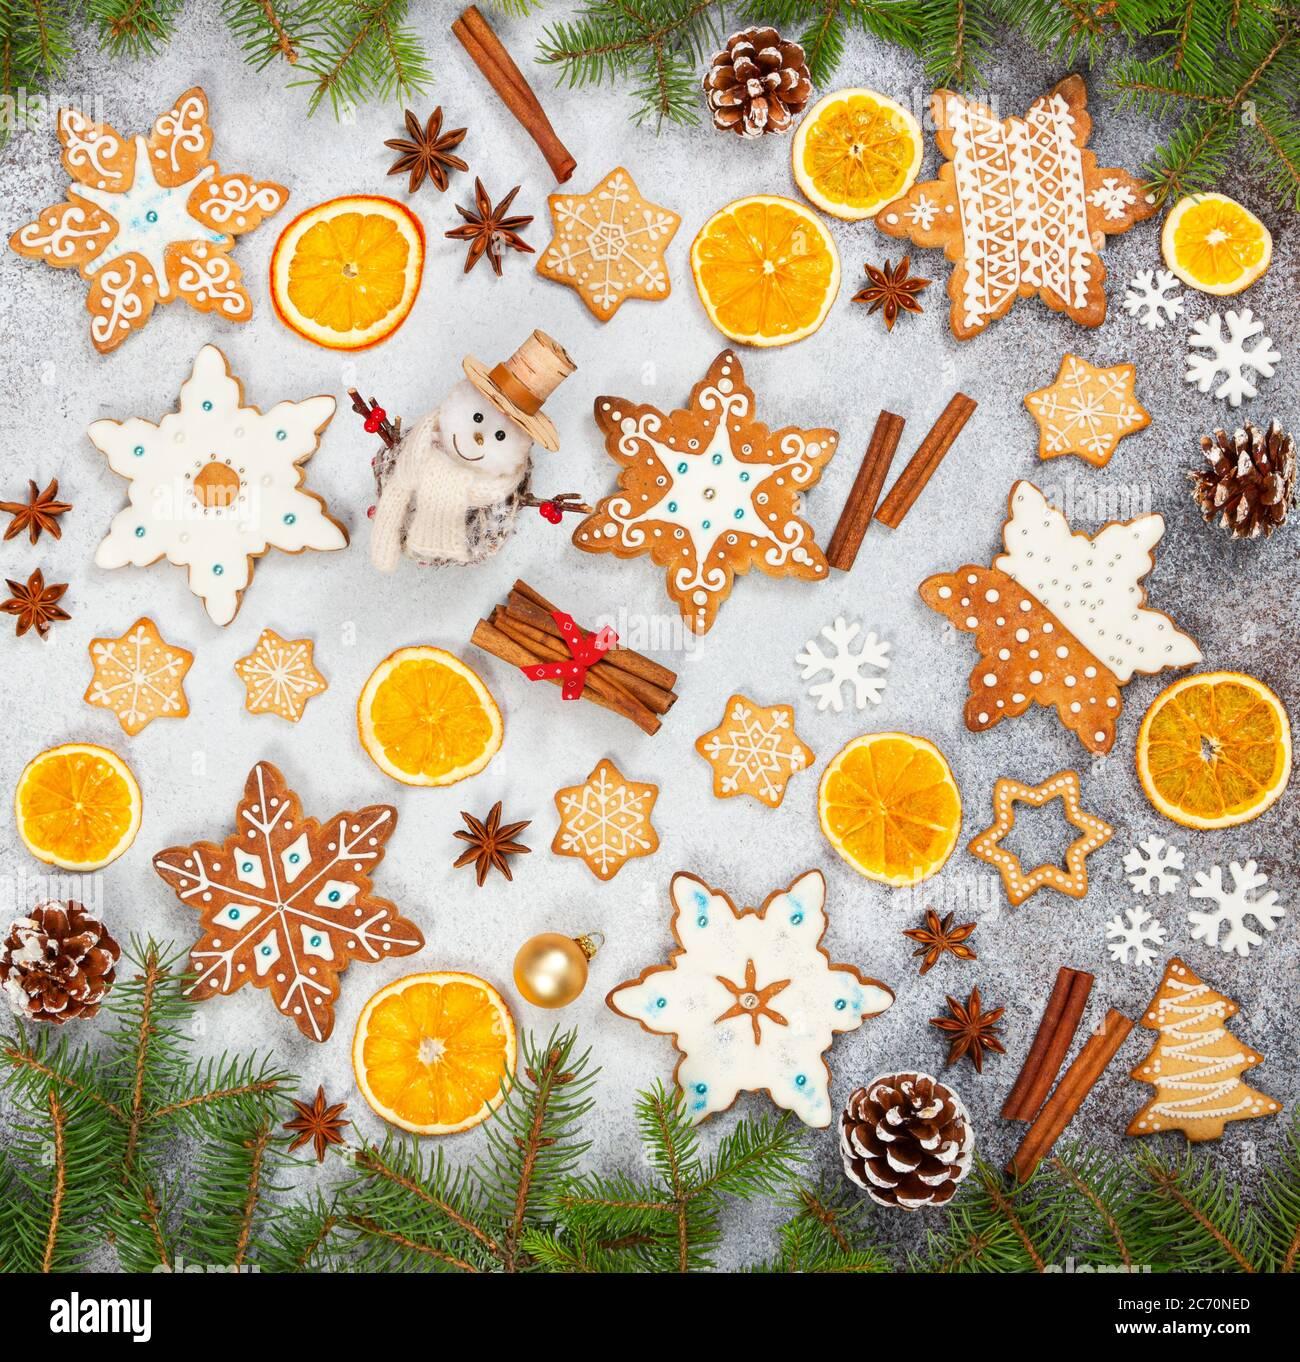 Biscotti allo zenzero natalizio in forma di fiocchi di neve, arancio secco, anice stellato e pupazzo di neve su fondo di pietra grigia. Vista dall'alto. Simboli di Capodanno e Chr Foto Stock